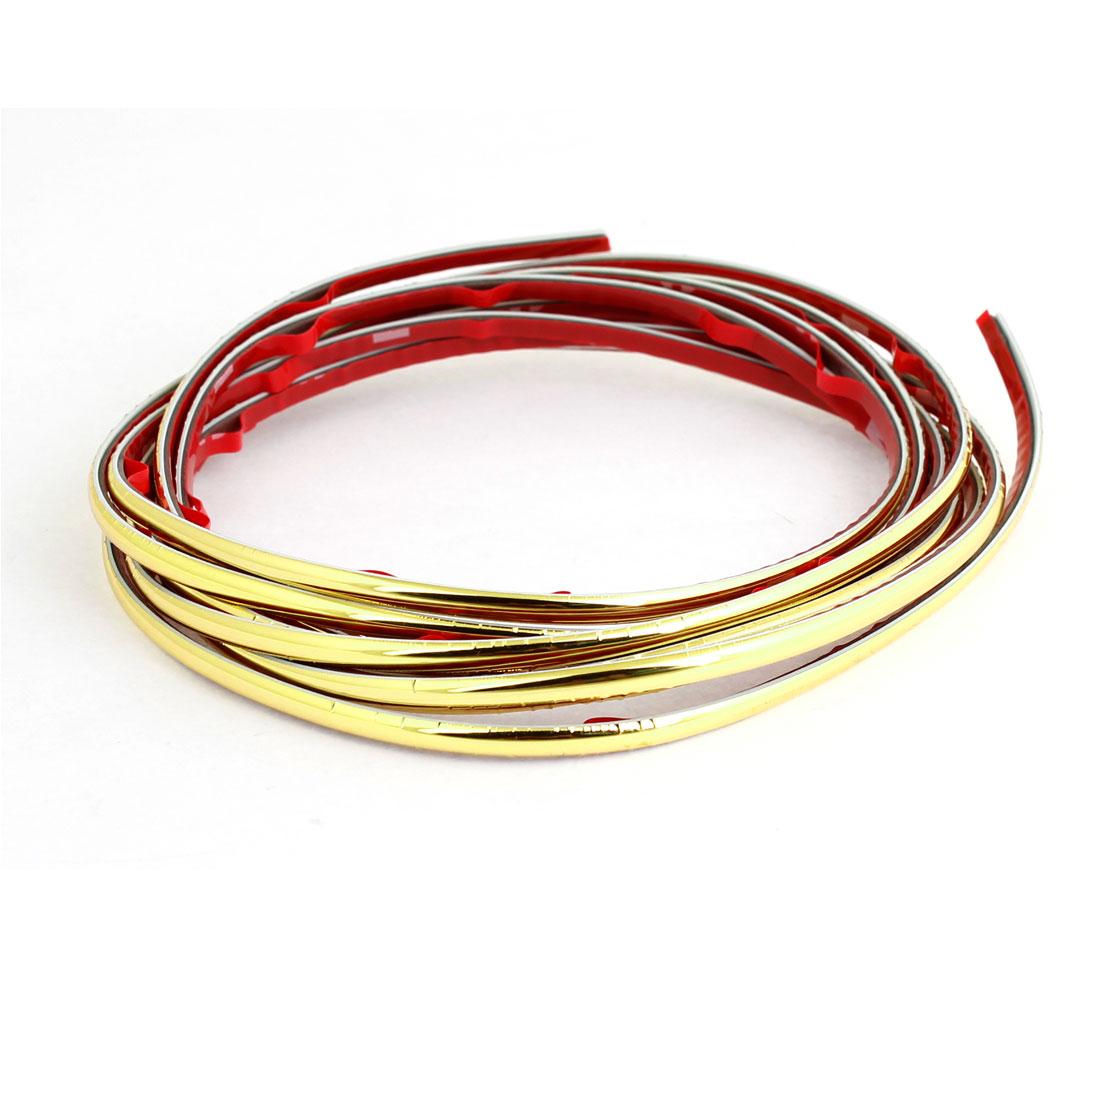 3Meter x 4mm Gold Tone Flexible Plastic Moulding Trim Strip for Auto Car